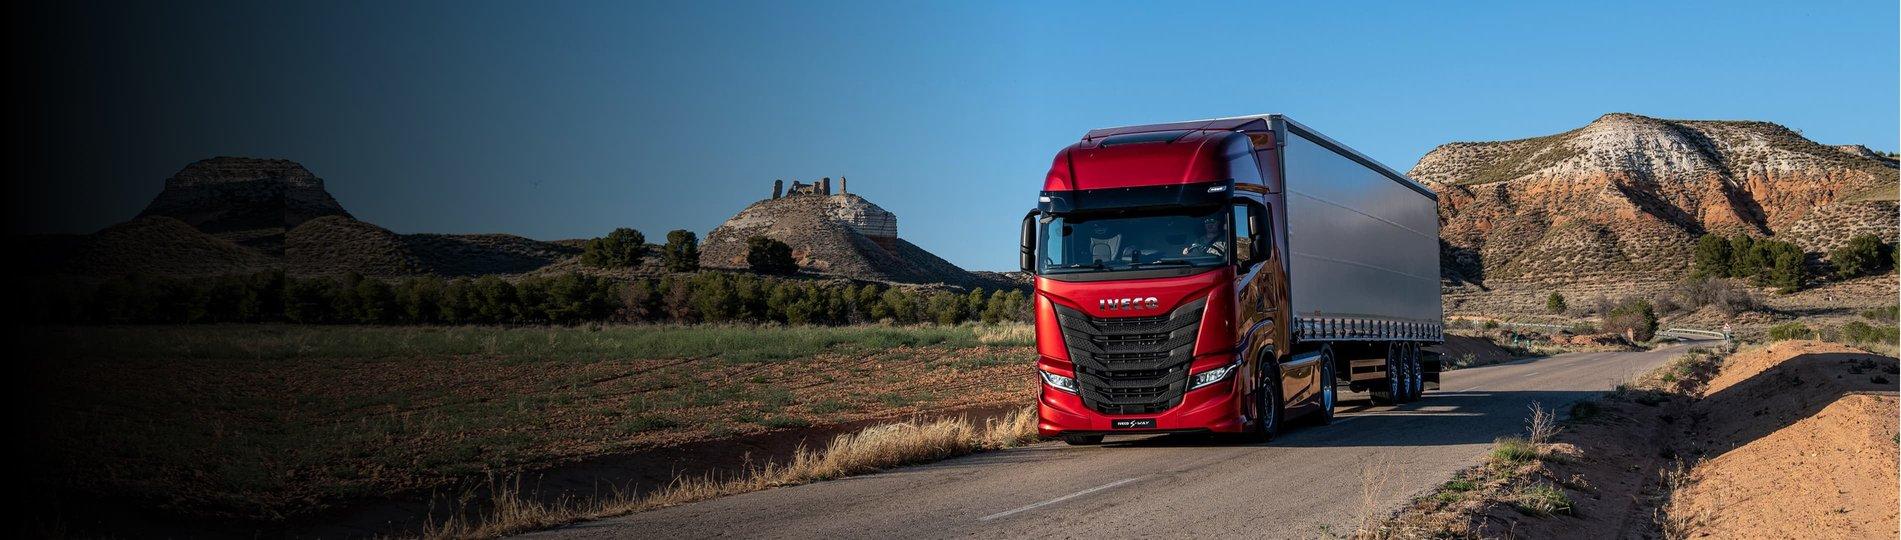 Wagenparkoplossingen ontworpen voor uw Iveco-voertuigen.